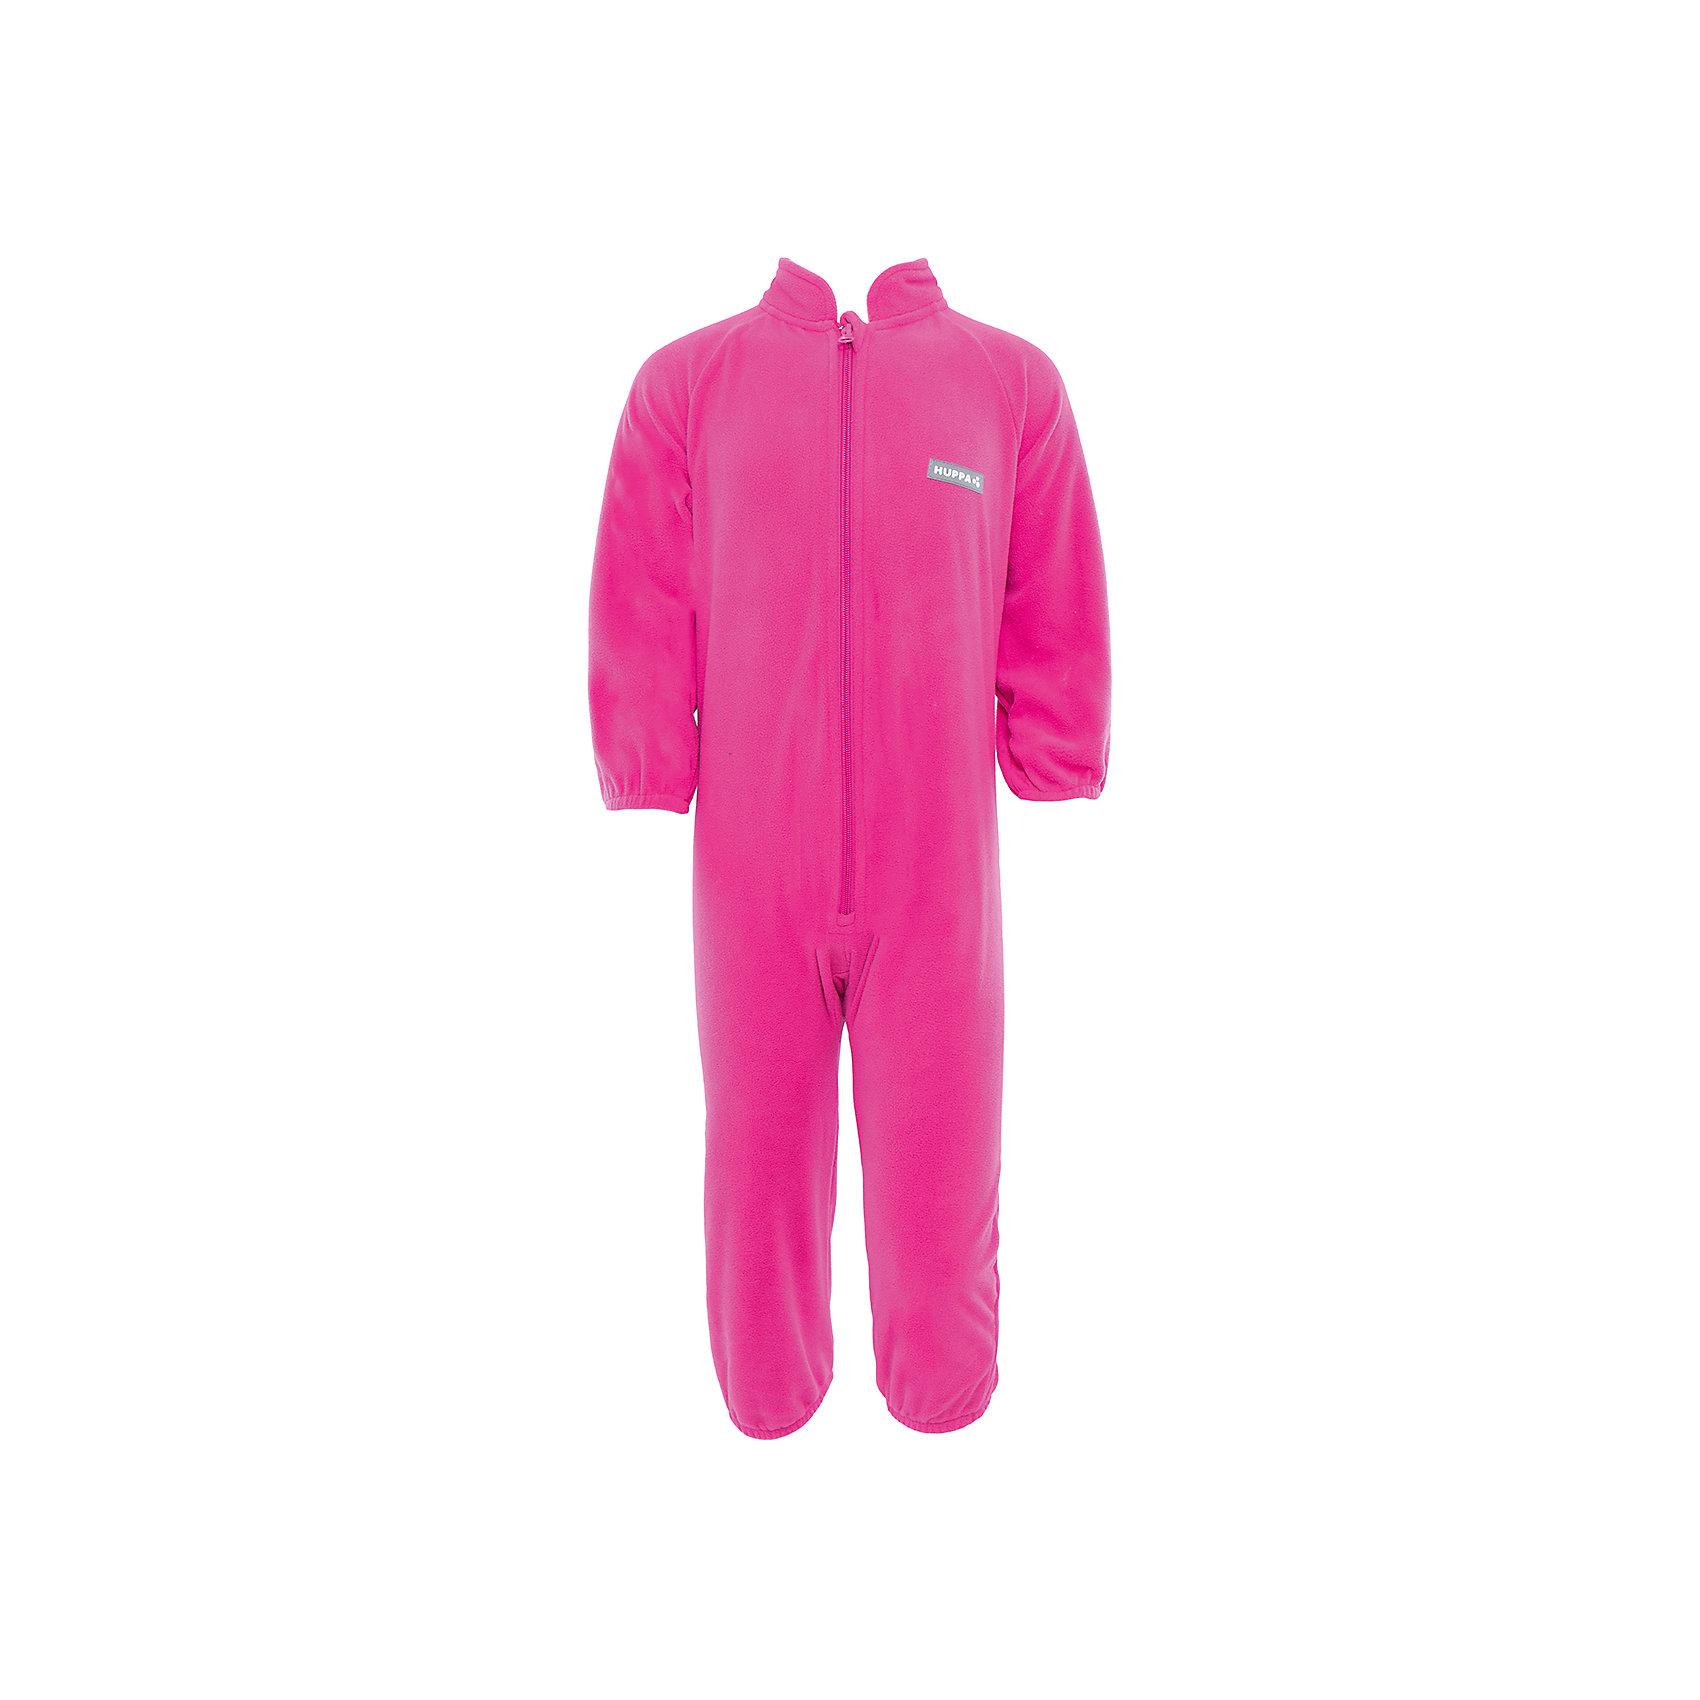 Комбинезон флисовый  HuppaФлисовый комбинезон ROLAND Huppa(Хуппа) имеет высокий воротник и застегивается на молнию. На манжетах есть резинки, надежно защищающие малыша от попадания ветра под одежду. Комбинезон достаточно теплый и отлично подойдет в качестве промежуточного слоя в одежде в зимнее время или как верхняя одежда весной-осенью.<br><br>Дополнительная информация:<br>Материал: 100% полиэстер<br>Цвет: фуксия<br><br>Флисовый комбинезон ROLAND Huppa(Хуппа) вы можете приобрести в нашем интернет-магазине.<br><br>Ширина мм: 356<br>Глубина мм: 10<br>Высота мм: 245<br>Вес г: 519<br>Цвет: розовый<br>Возраст от месяцев: 12<br>Возраст до месяцев: 18<br>Пол: Женский<br>Возраст: Детский<br>Размер: 86,122,80,74,110,104,98,92,116<br>SKU: 4928546